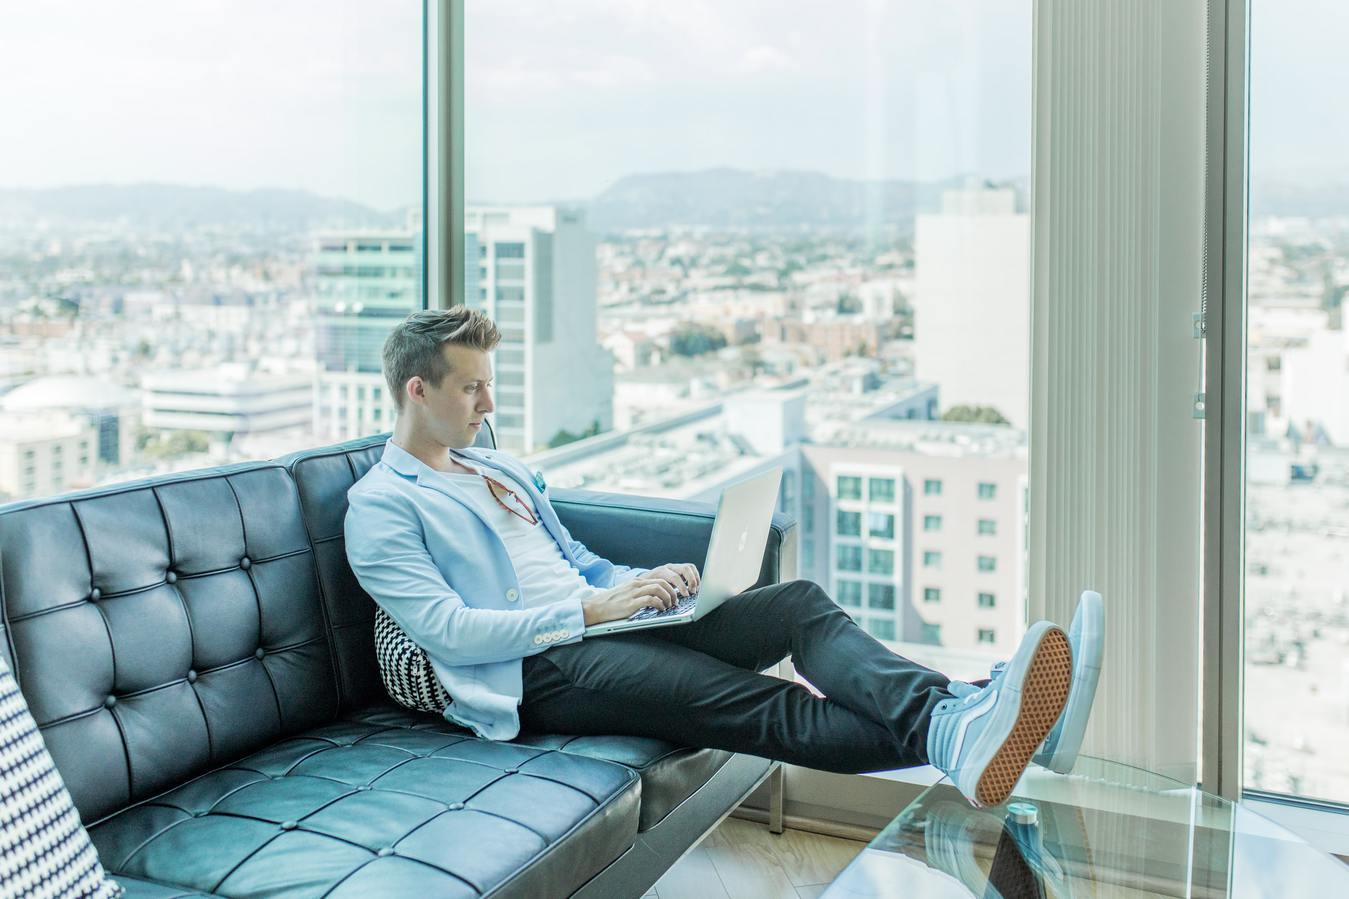 hombre trabajando en computador